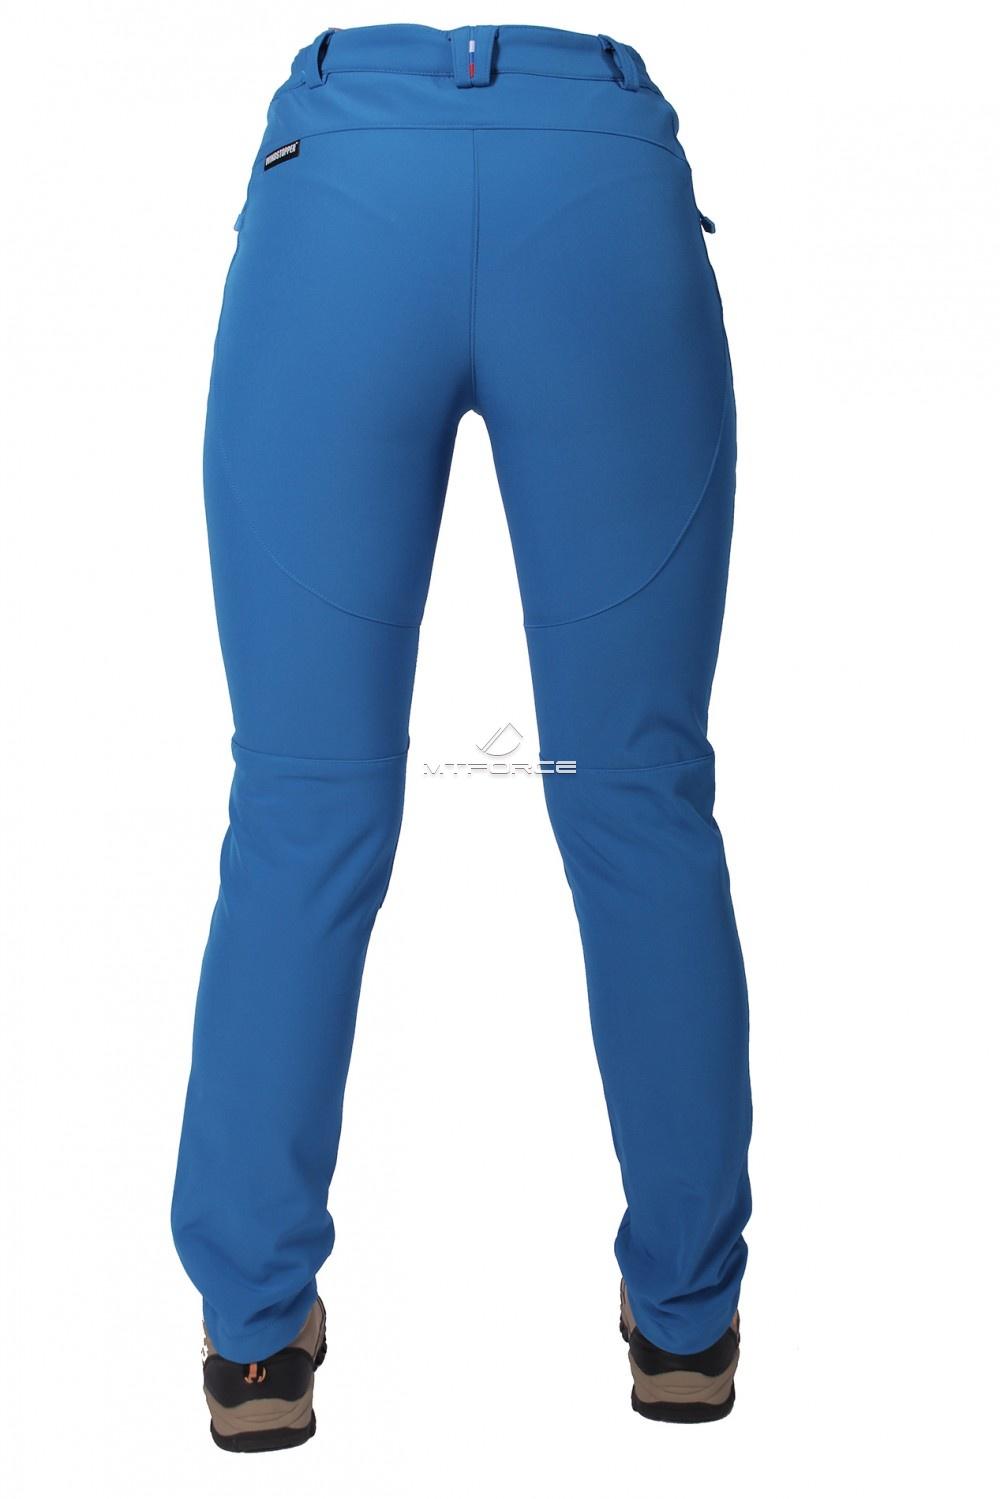 Купить оптом Брюки виндстопер женские синего цвета  3820S в Ростове-на-Дону